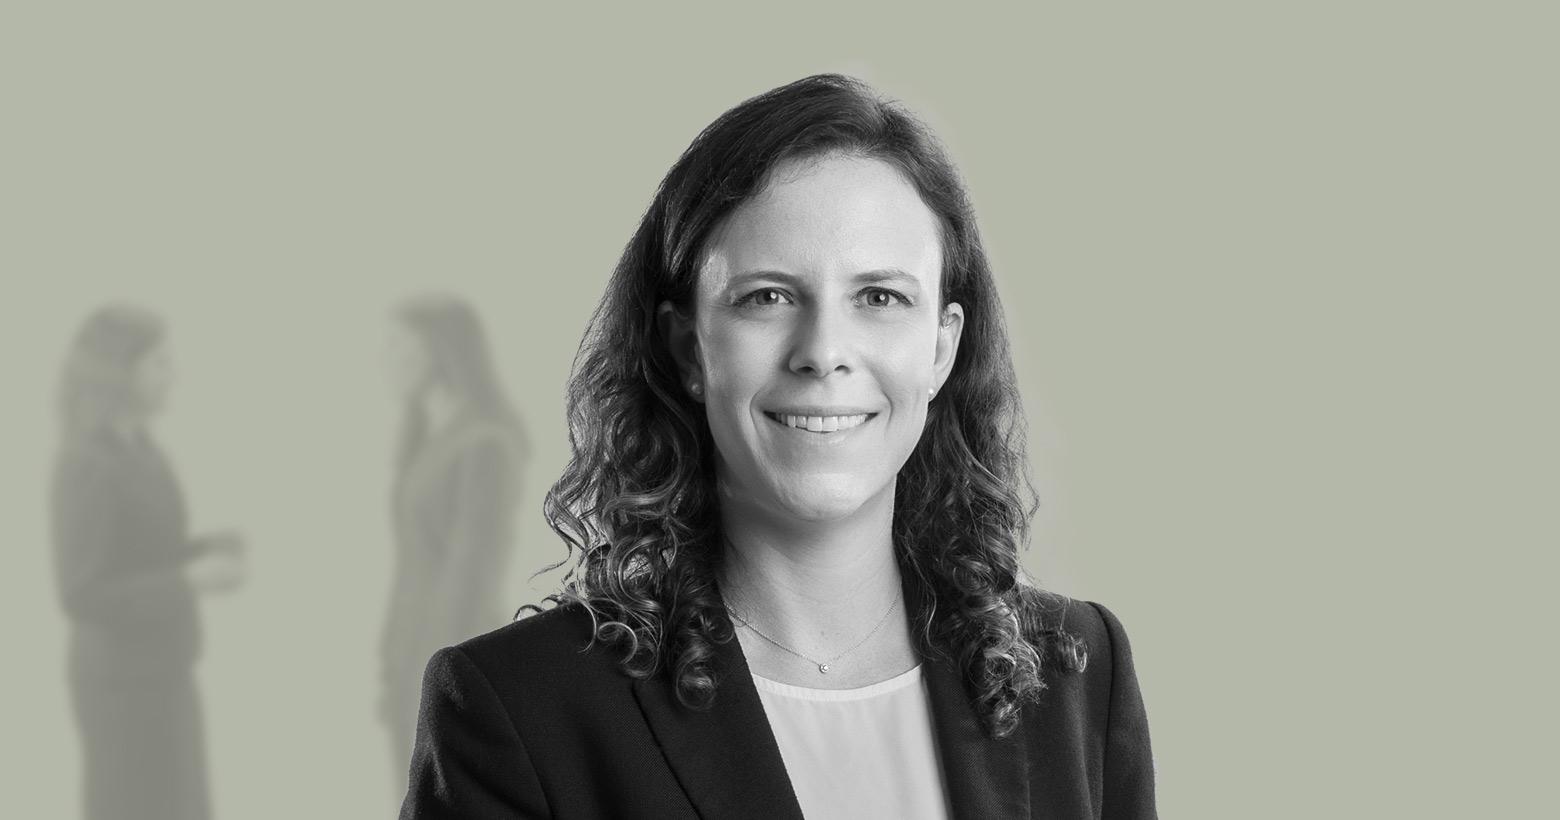 Cristina Liebolt